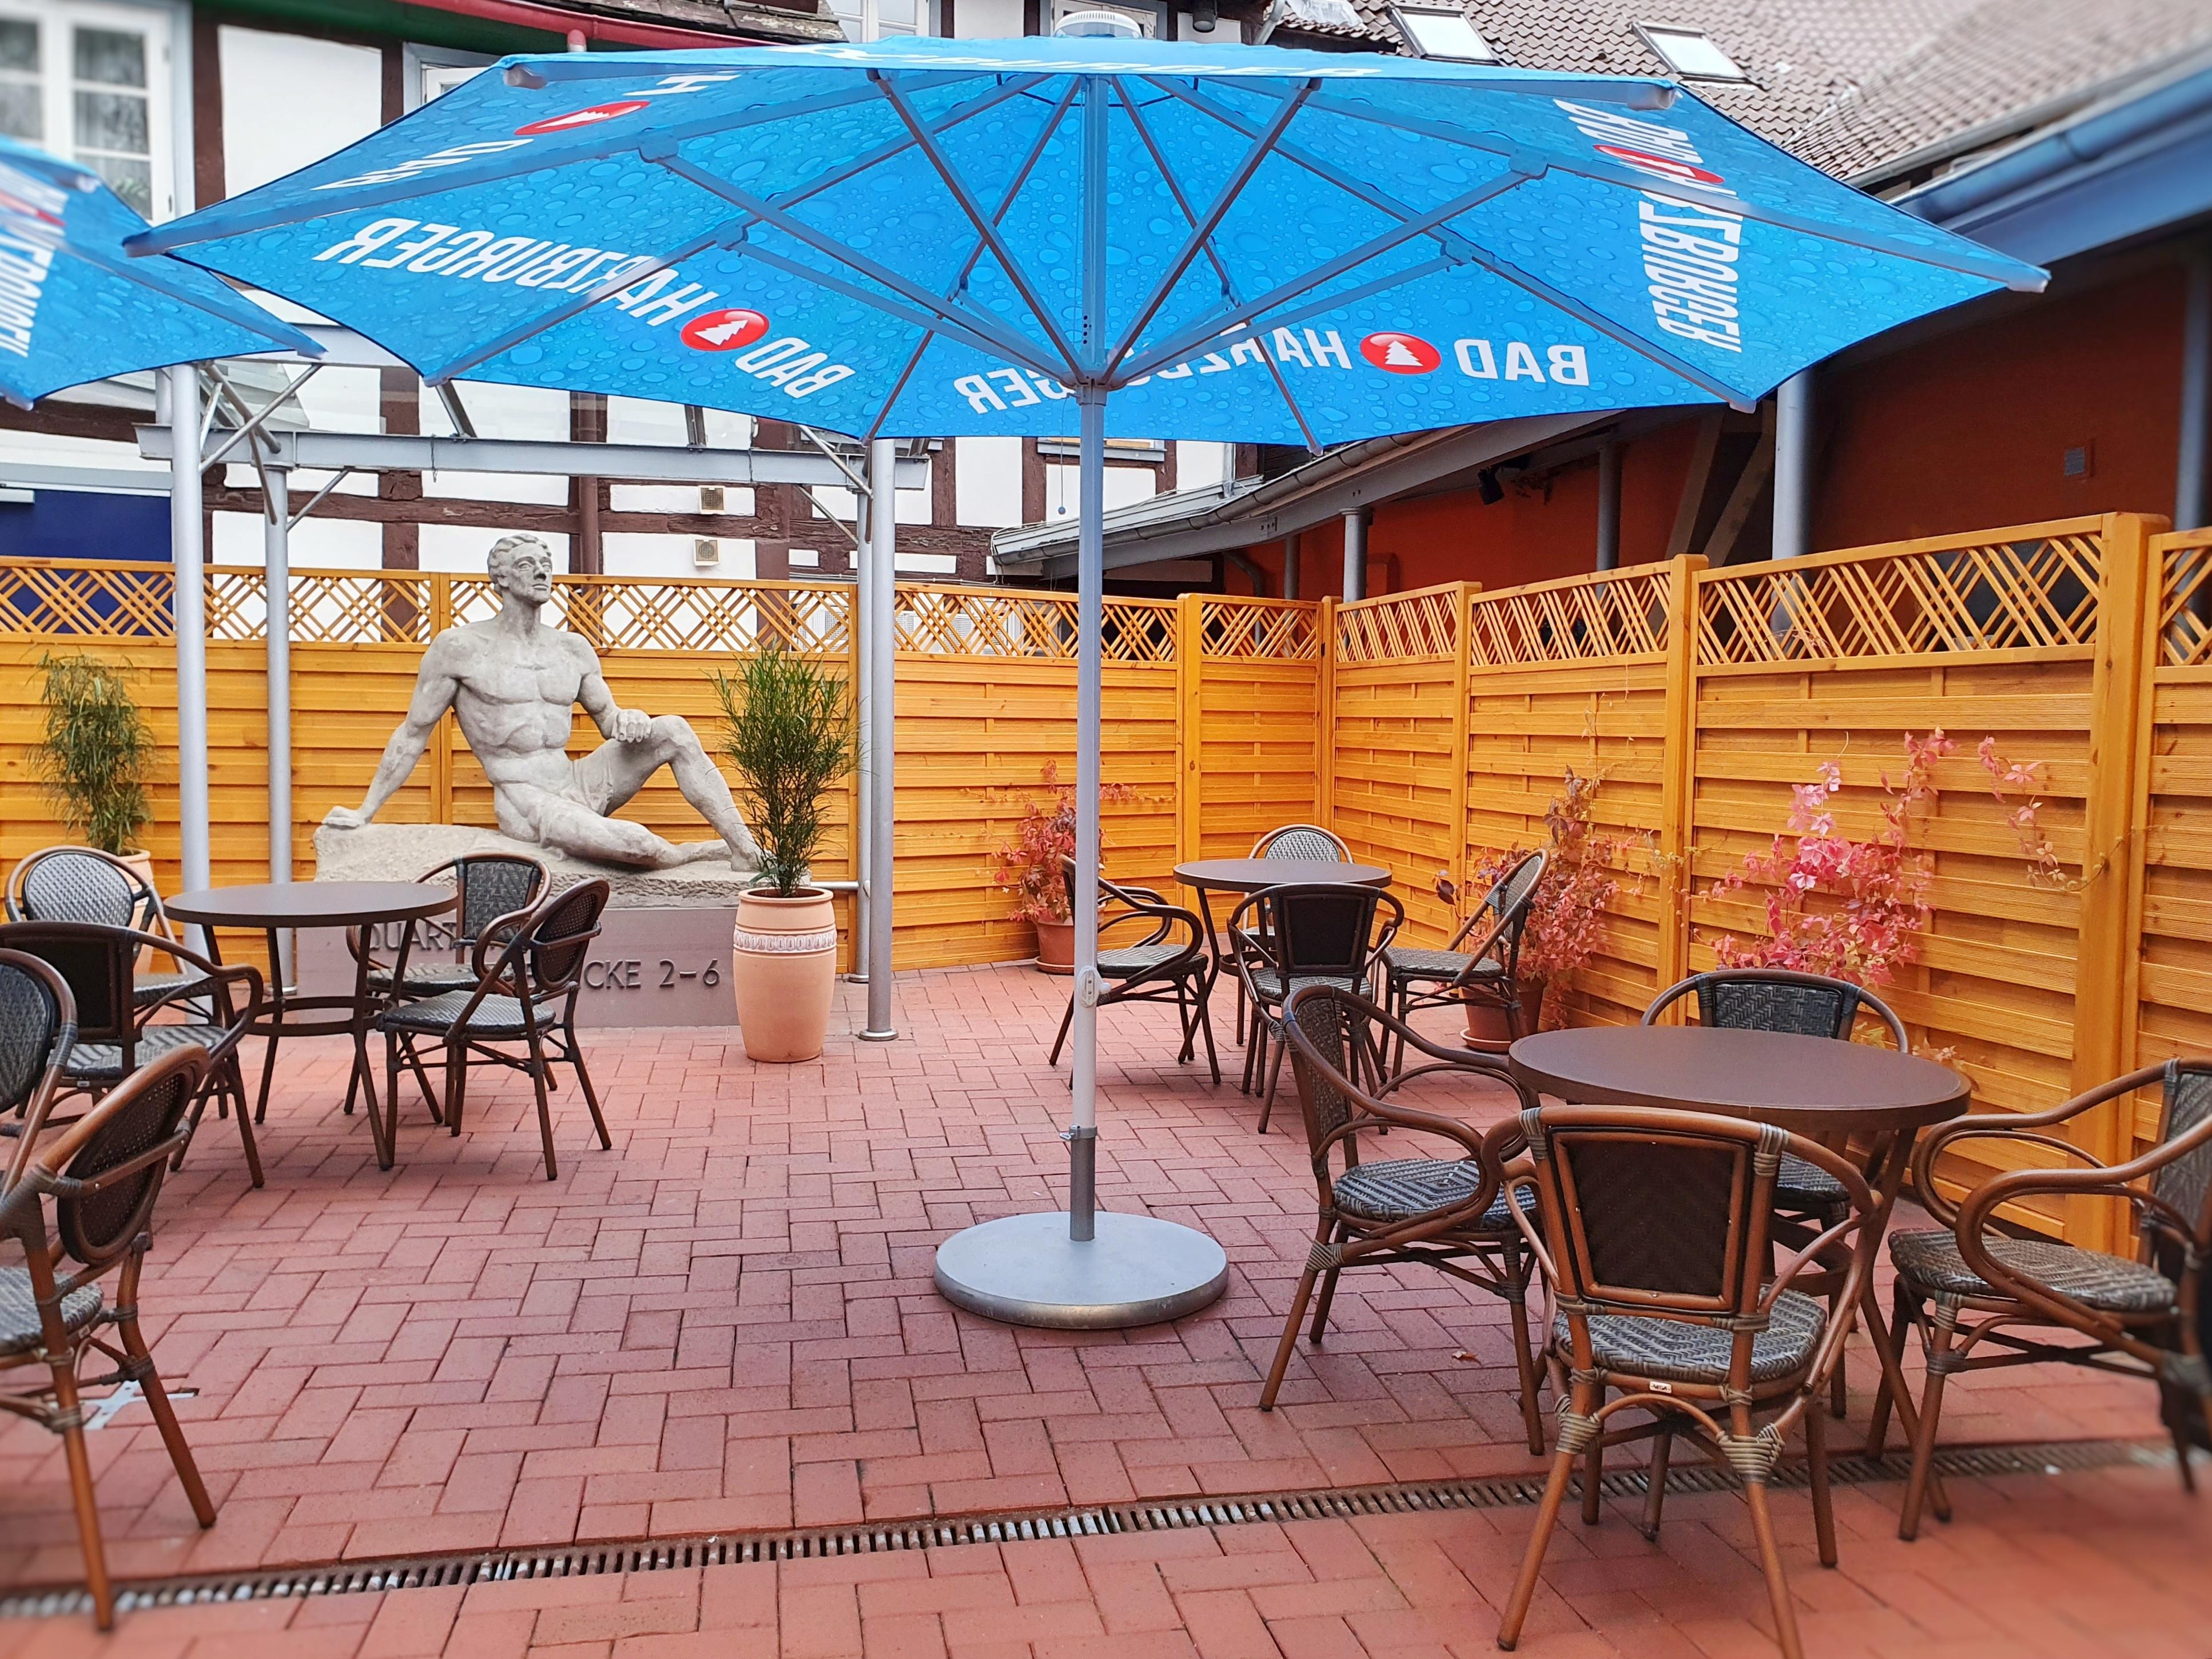 Café in der kleinen Gasse_Außenbereich